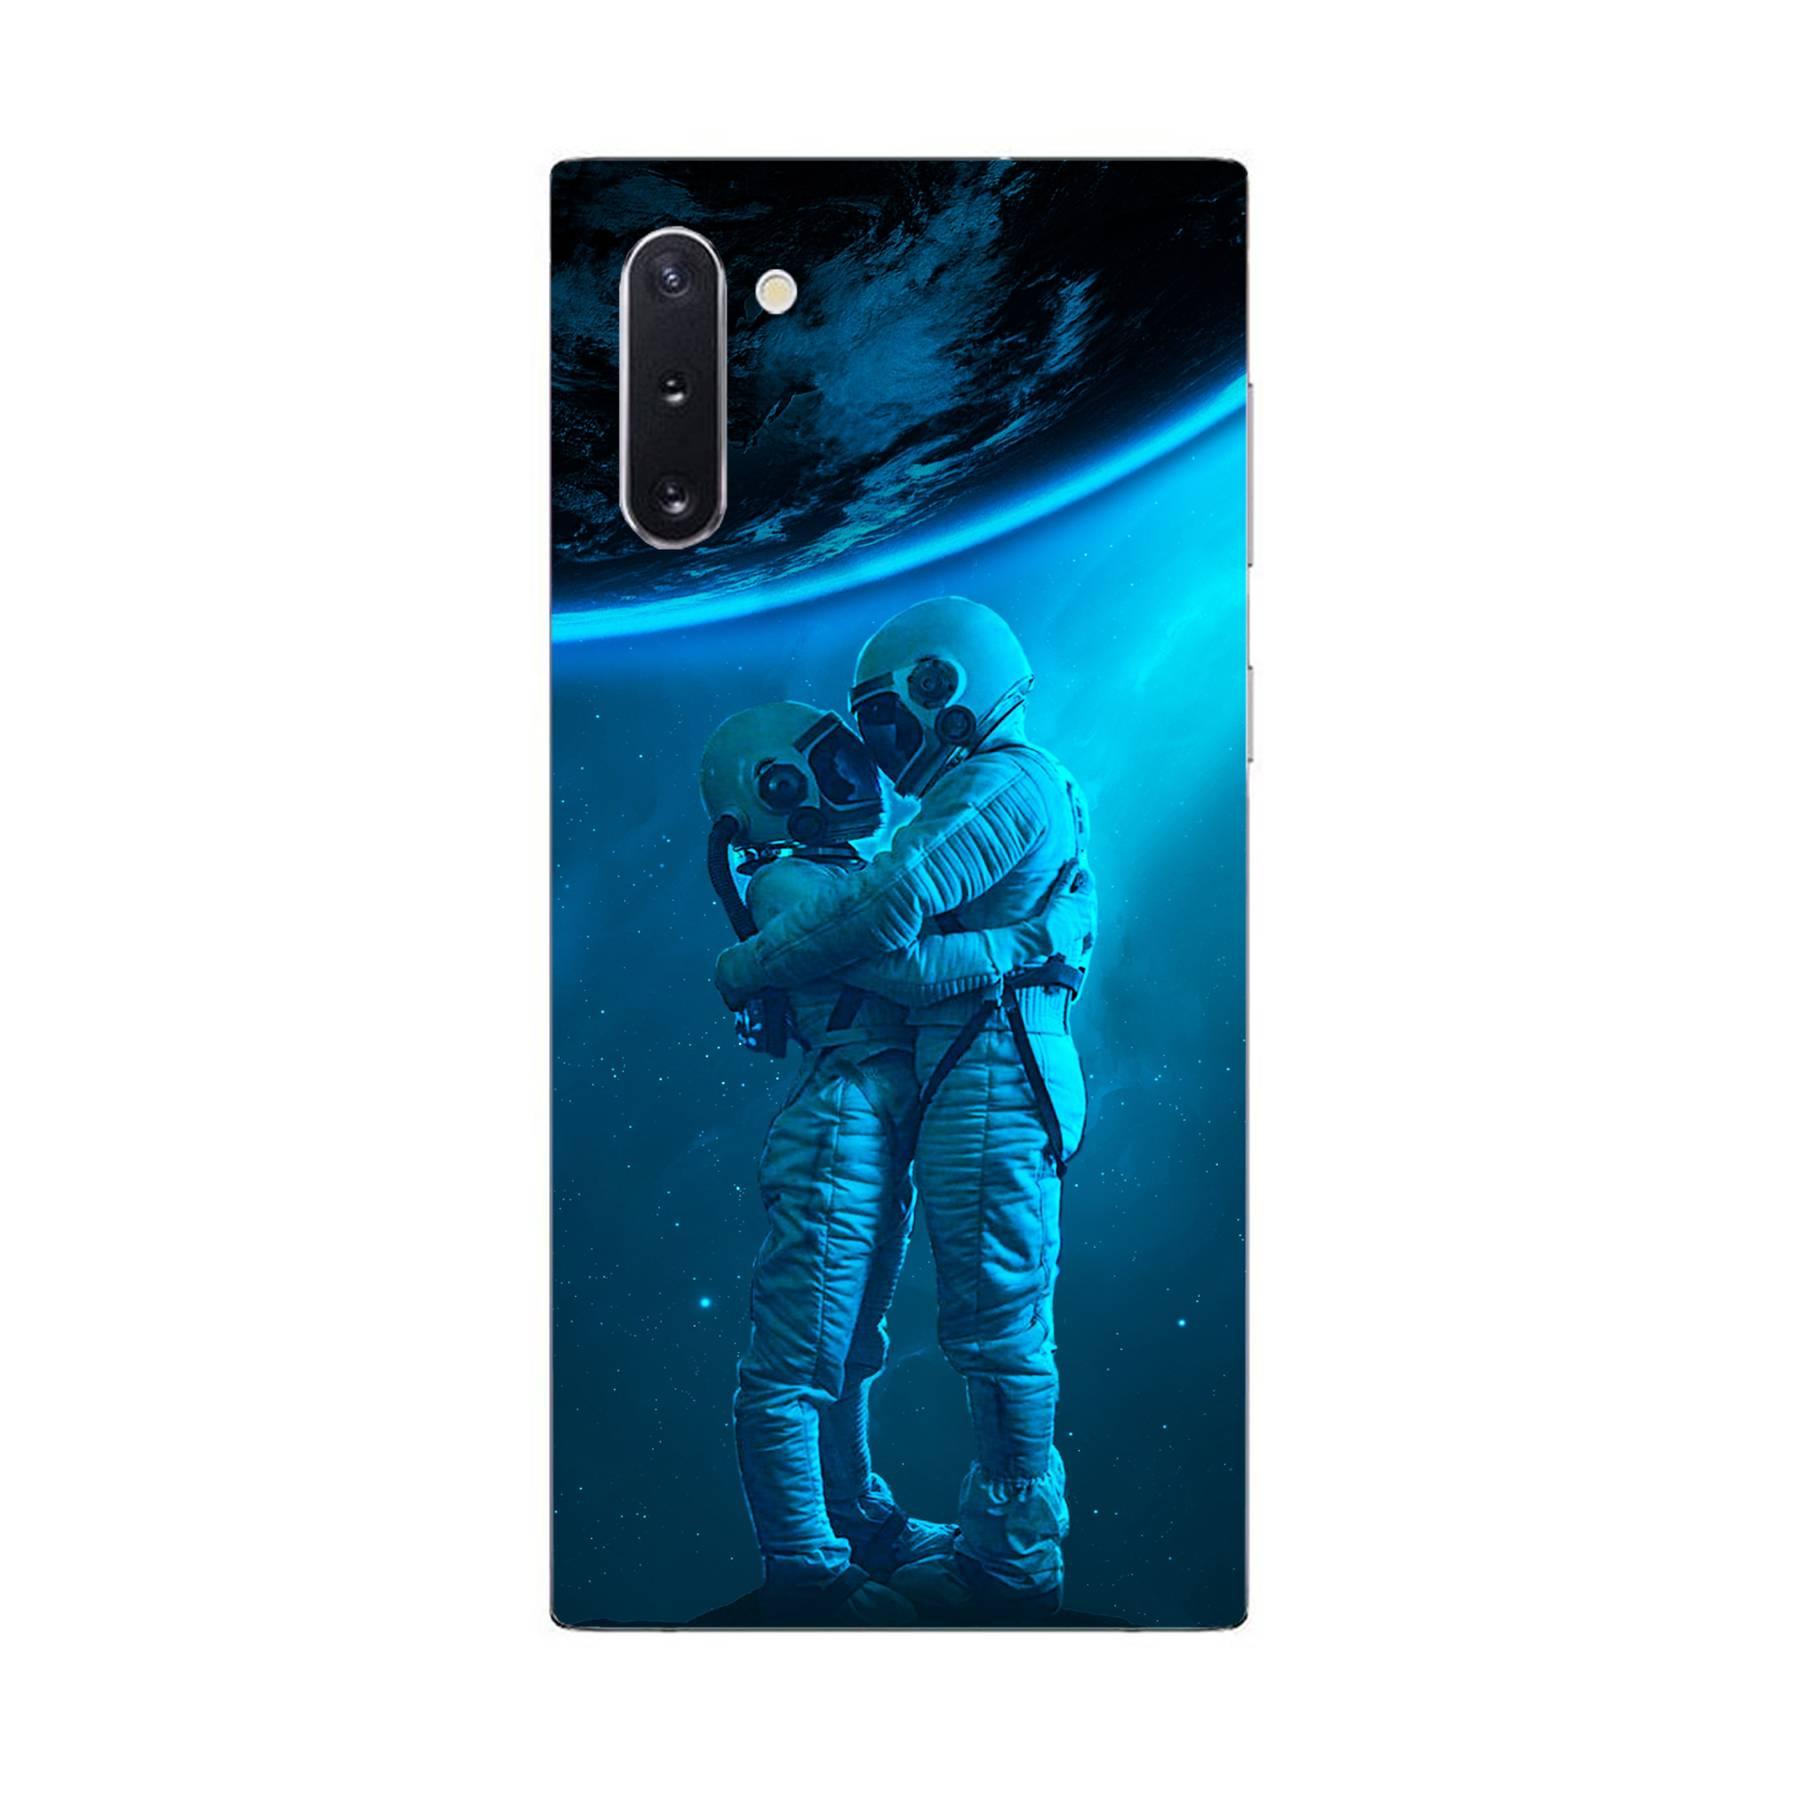 E-pic szilikon védő tok / hátlap - Szerelmes űrhajós pár mintás - SAMSUNG Galaxy Note10 (SM-N970F)